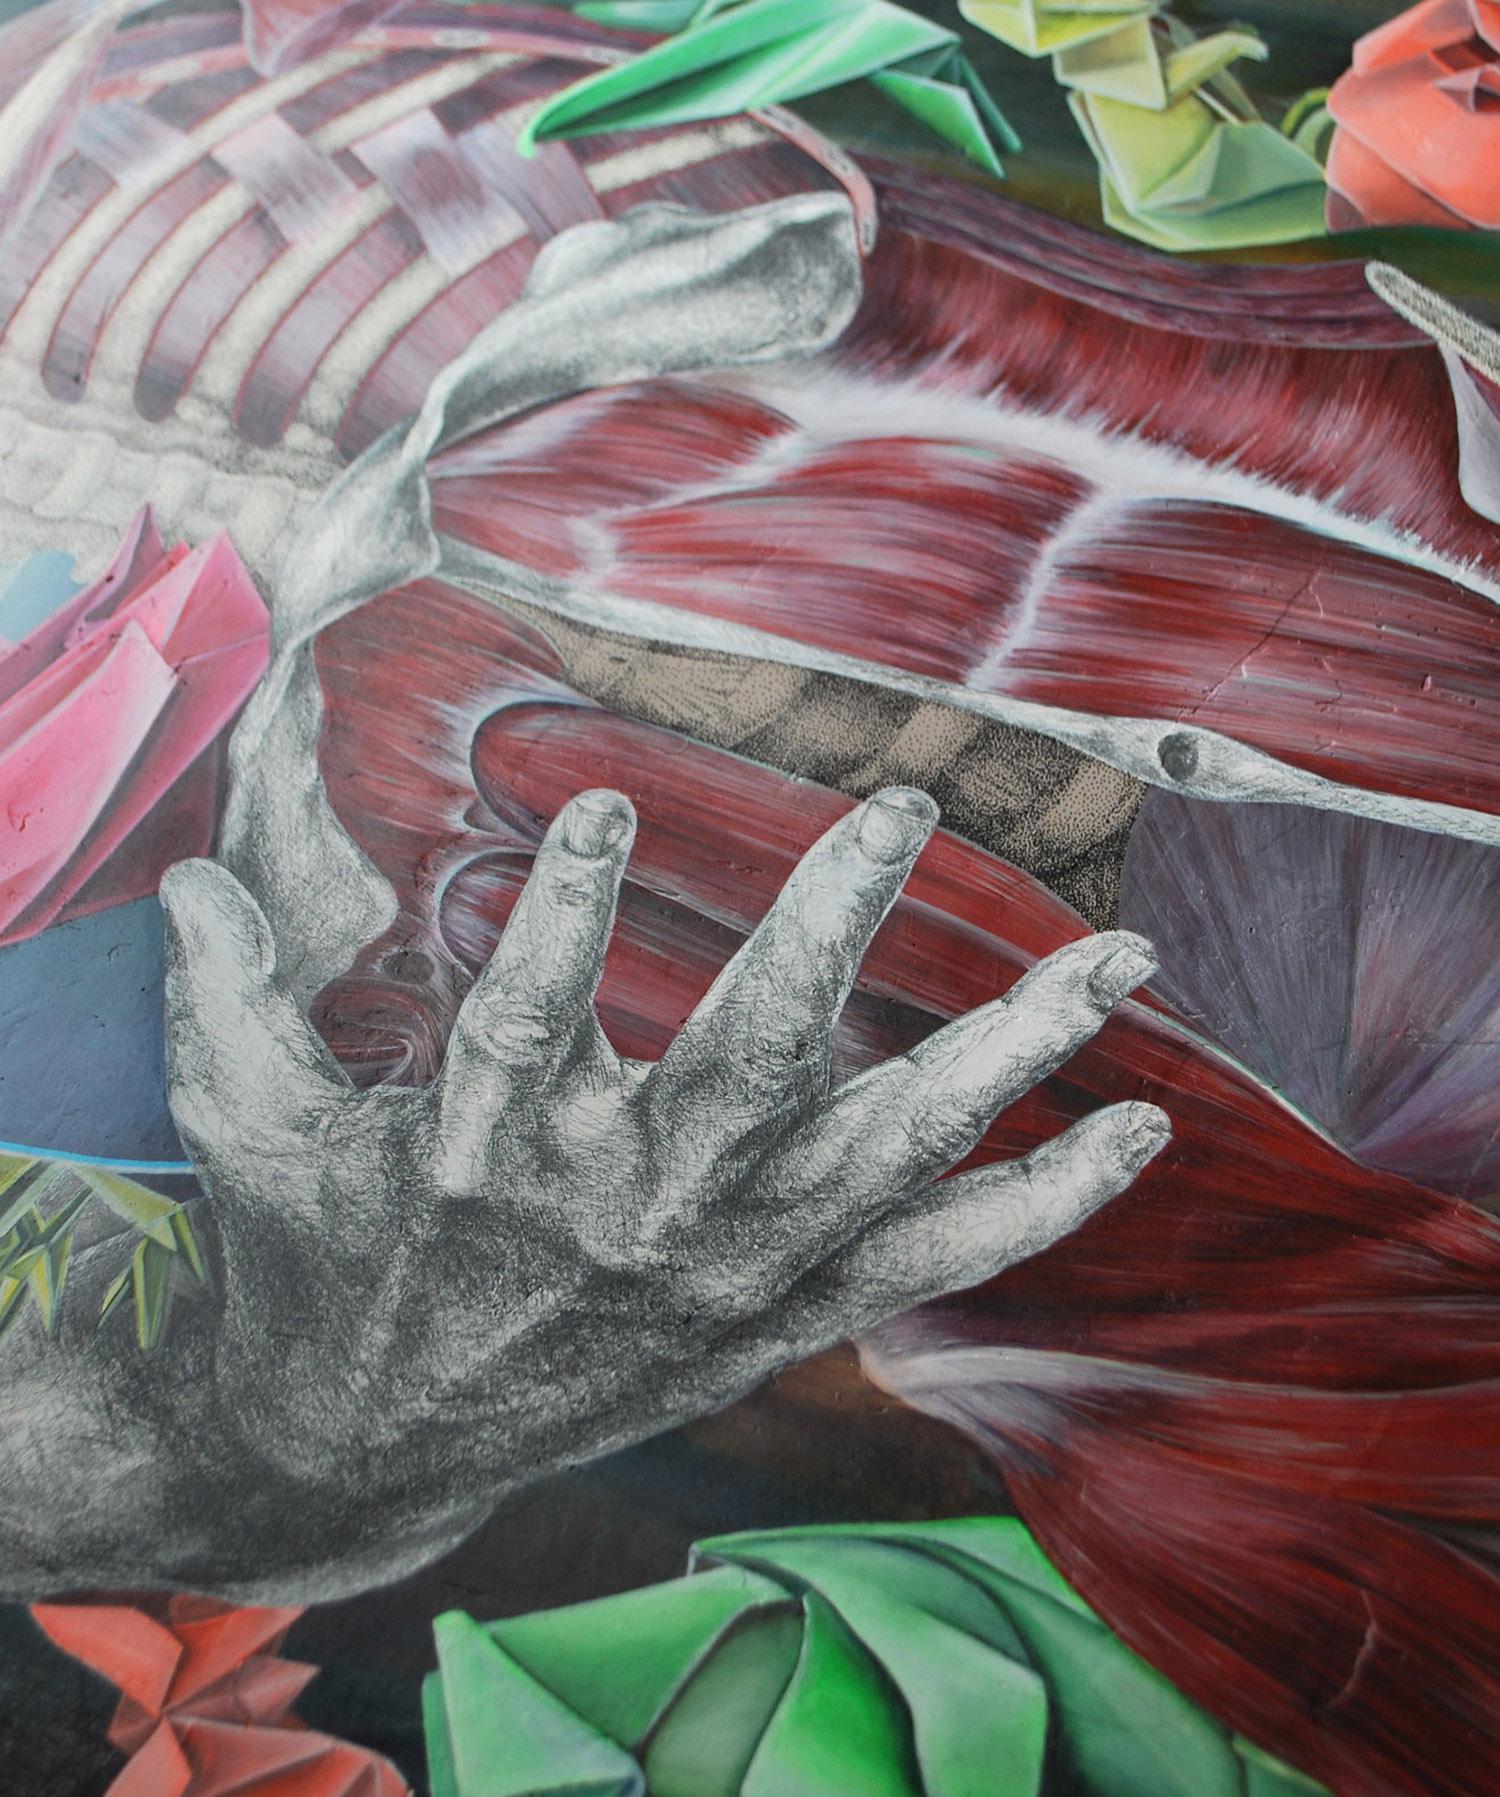 obra de arte con musculos creada por giselle vitali